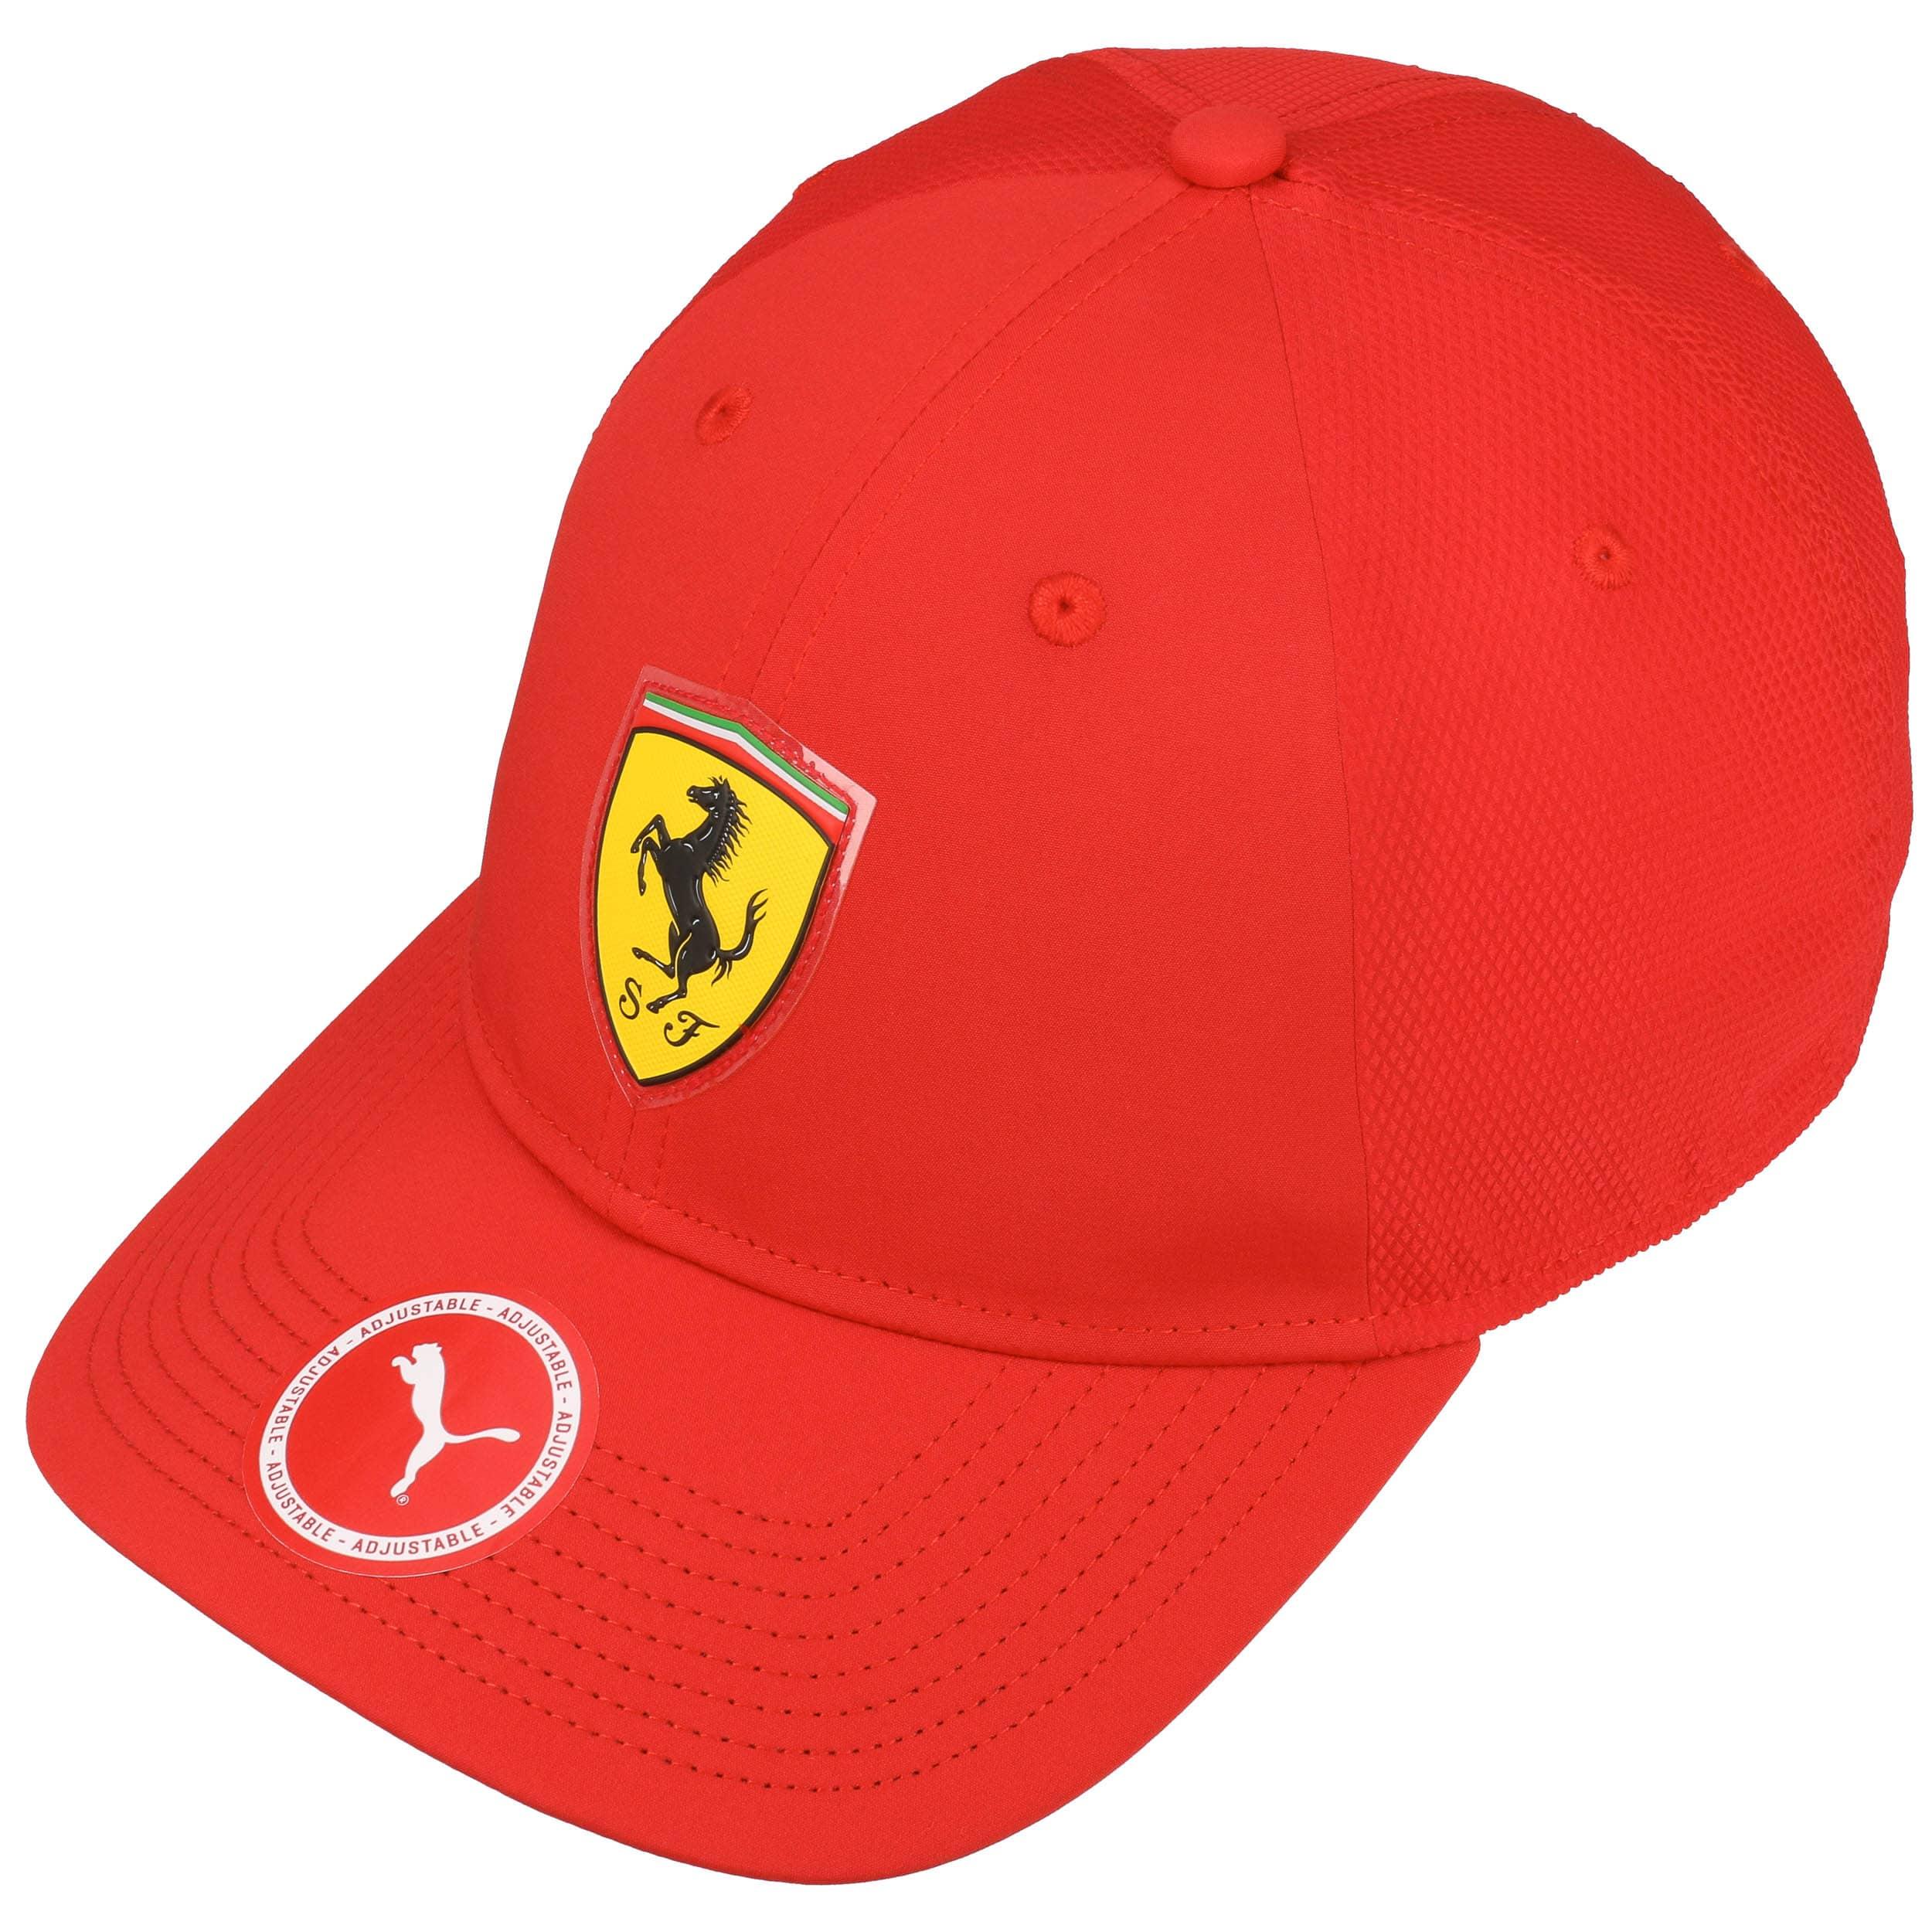 2a186fef Ferrari Fanwear Strapback Cap by PUMA - red 1 ...